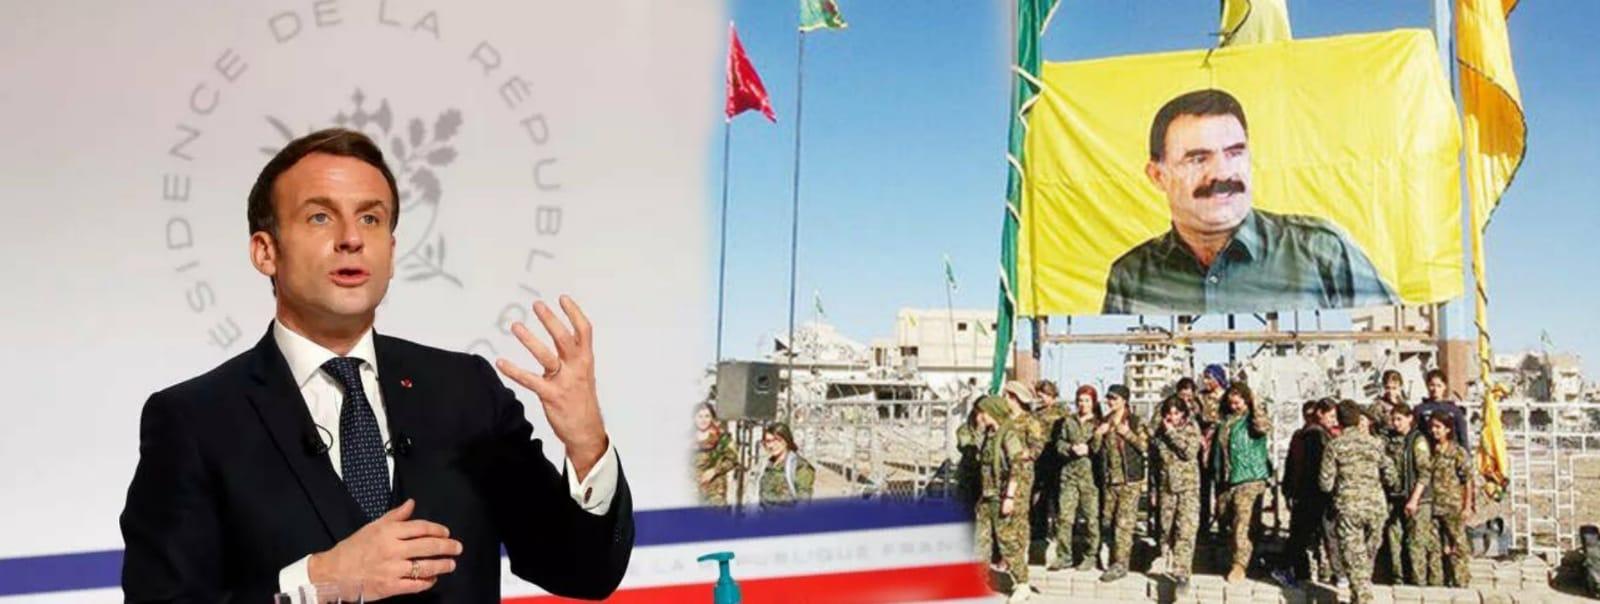 Macron'dan itiraf: YPG'nin PKK ile bağlantısı var